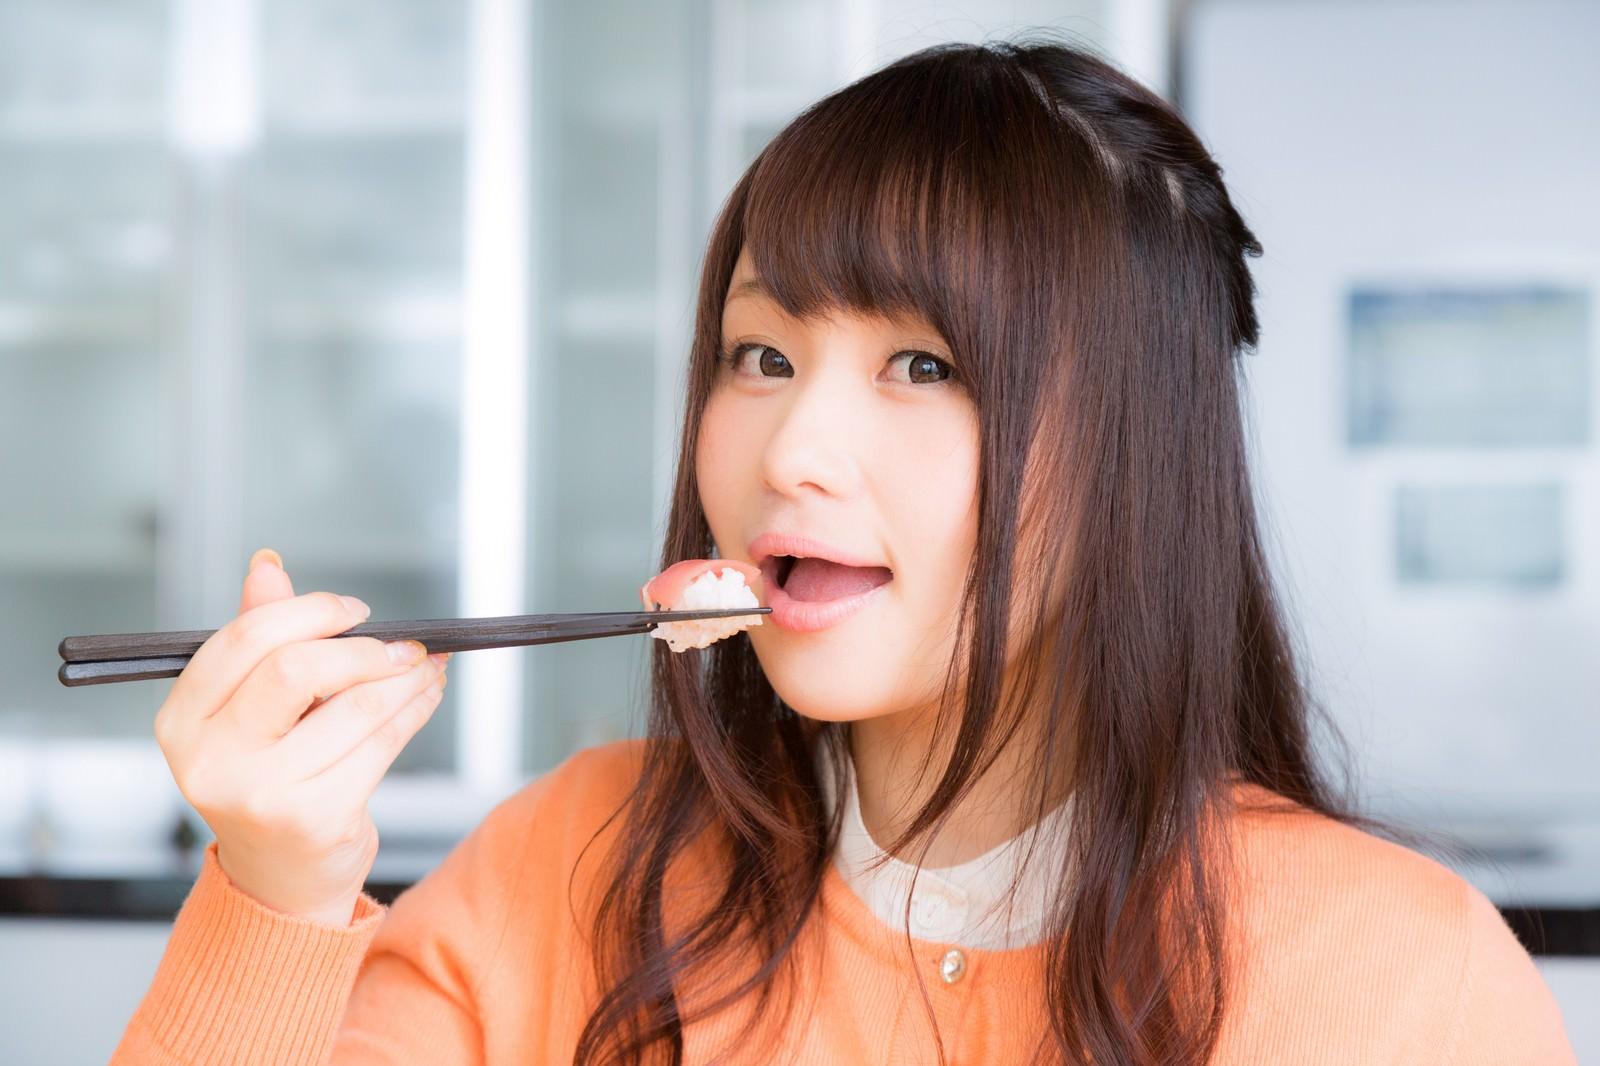 「一口サイズのお寿司を頬張る美女一口サイズのお寿司を頬張る美女」[モデル:茜さや]のフリー写真素材を拡大